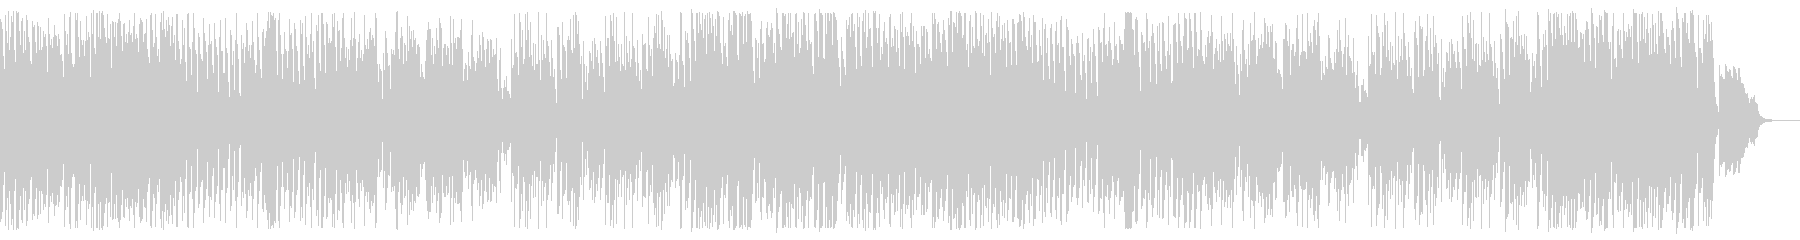 ハロウィン、ダークな雰囲気の4つ打ちの未再生の波形